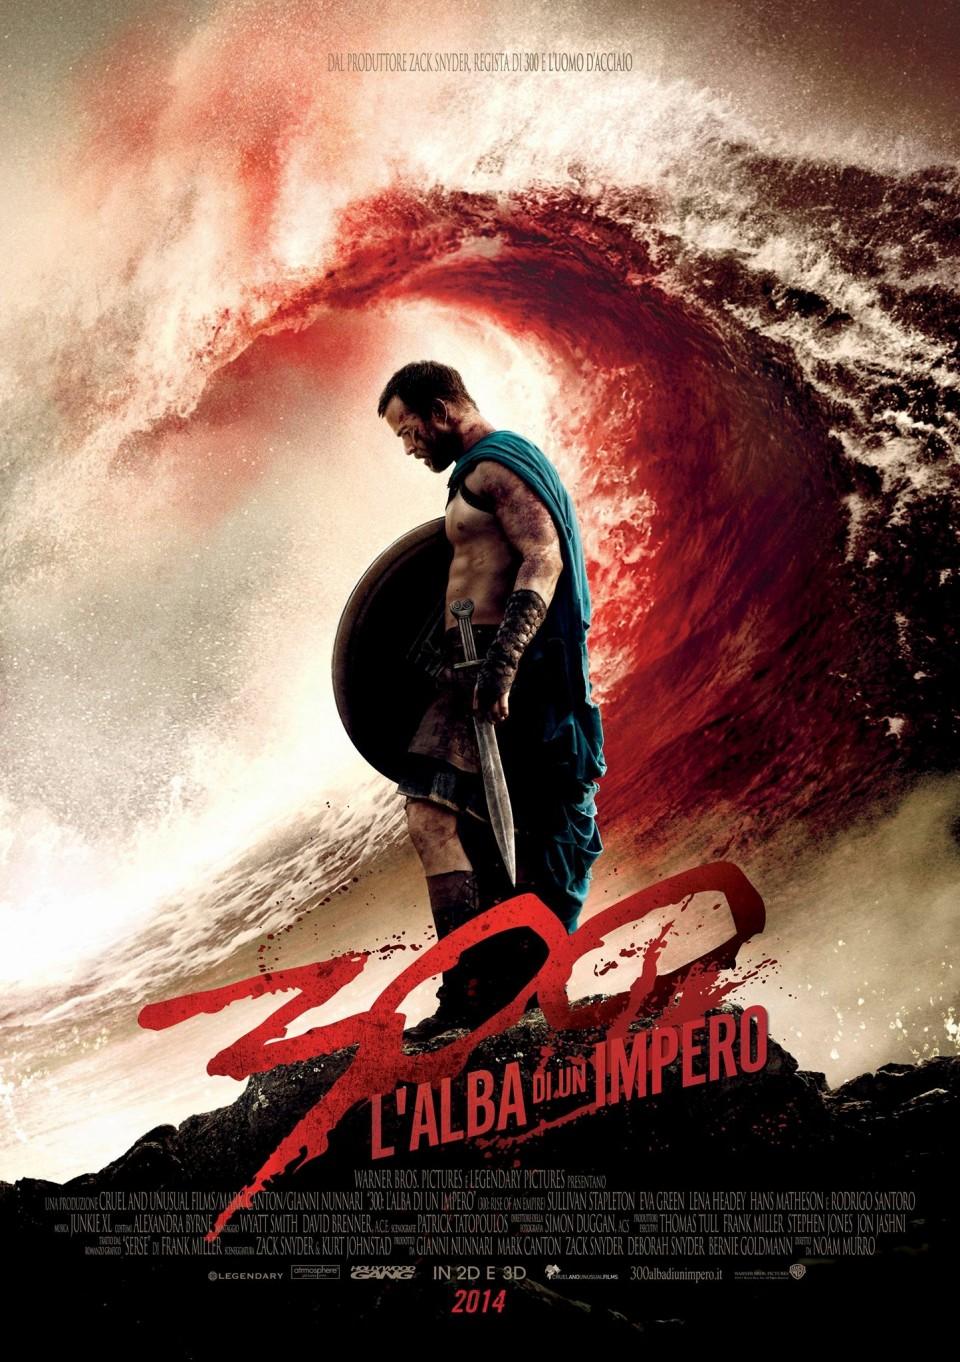 300: L'alba di un Impero